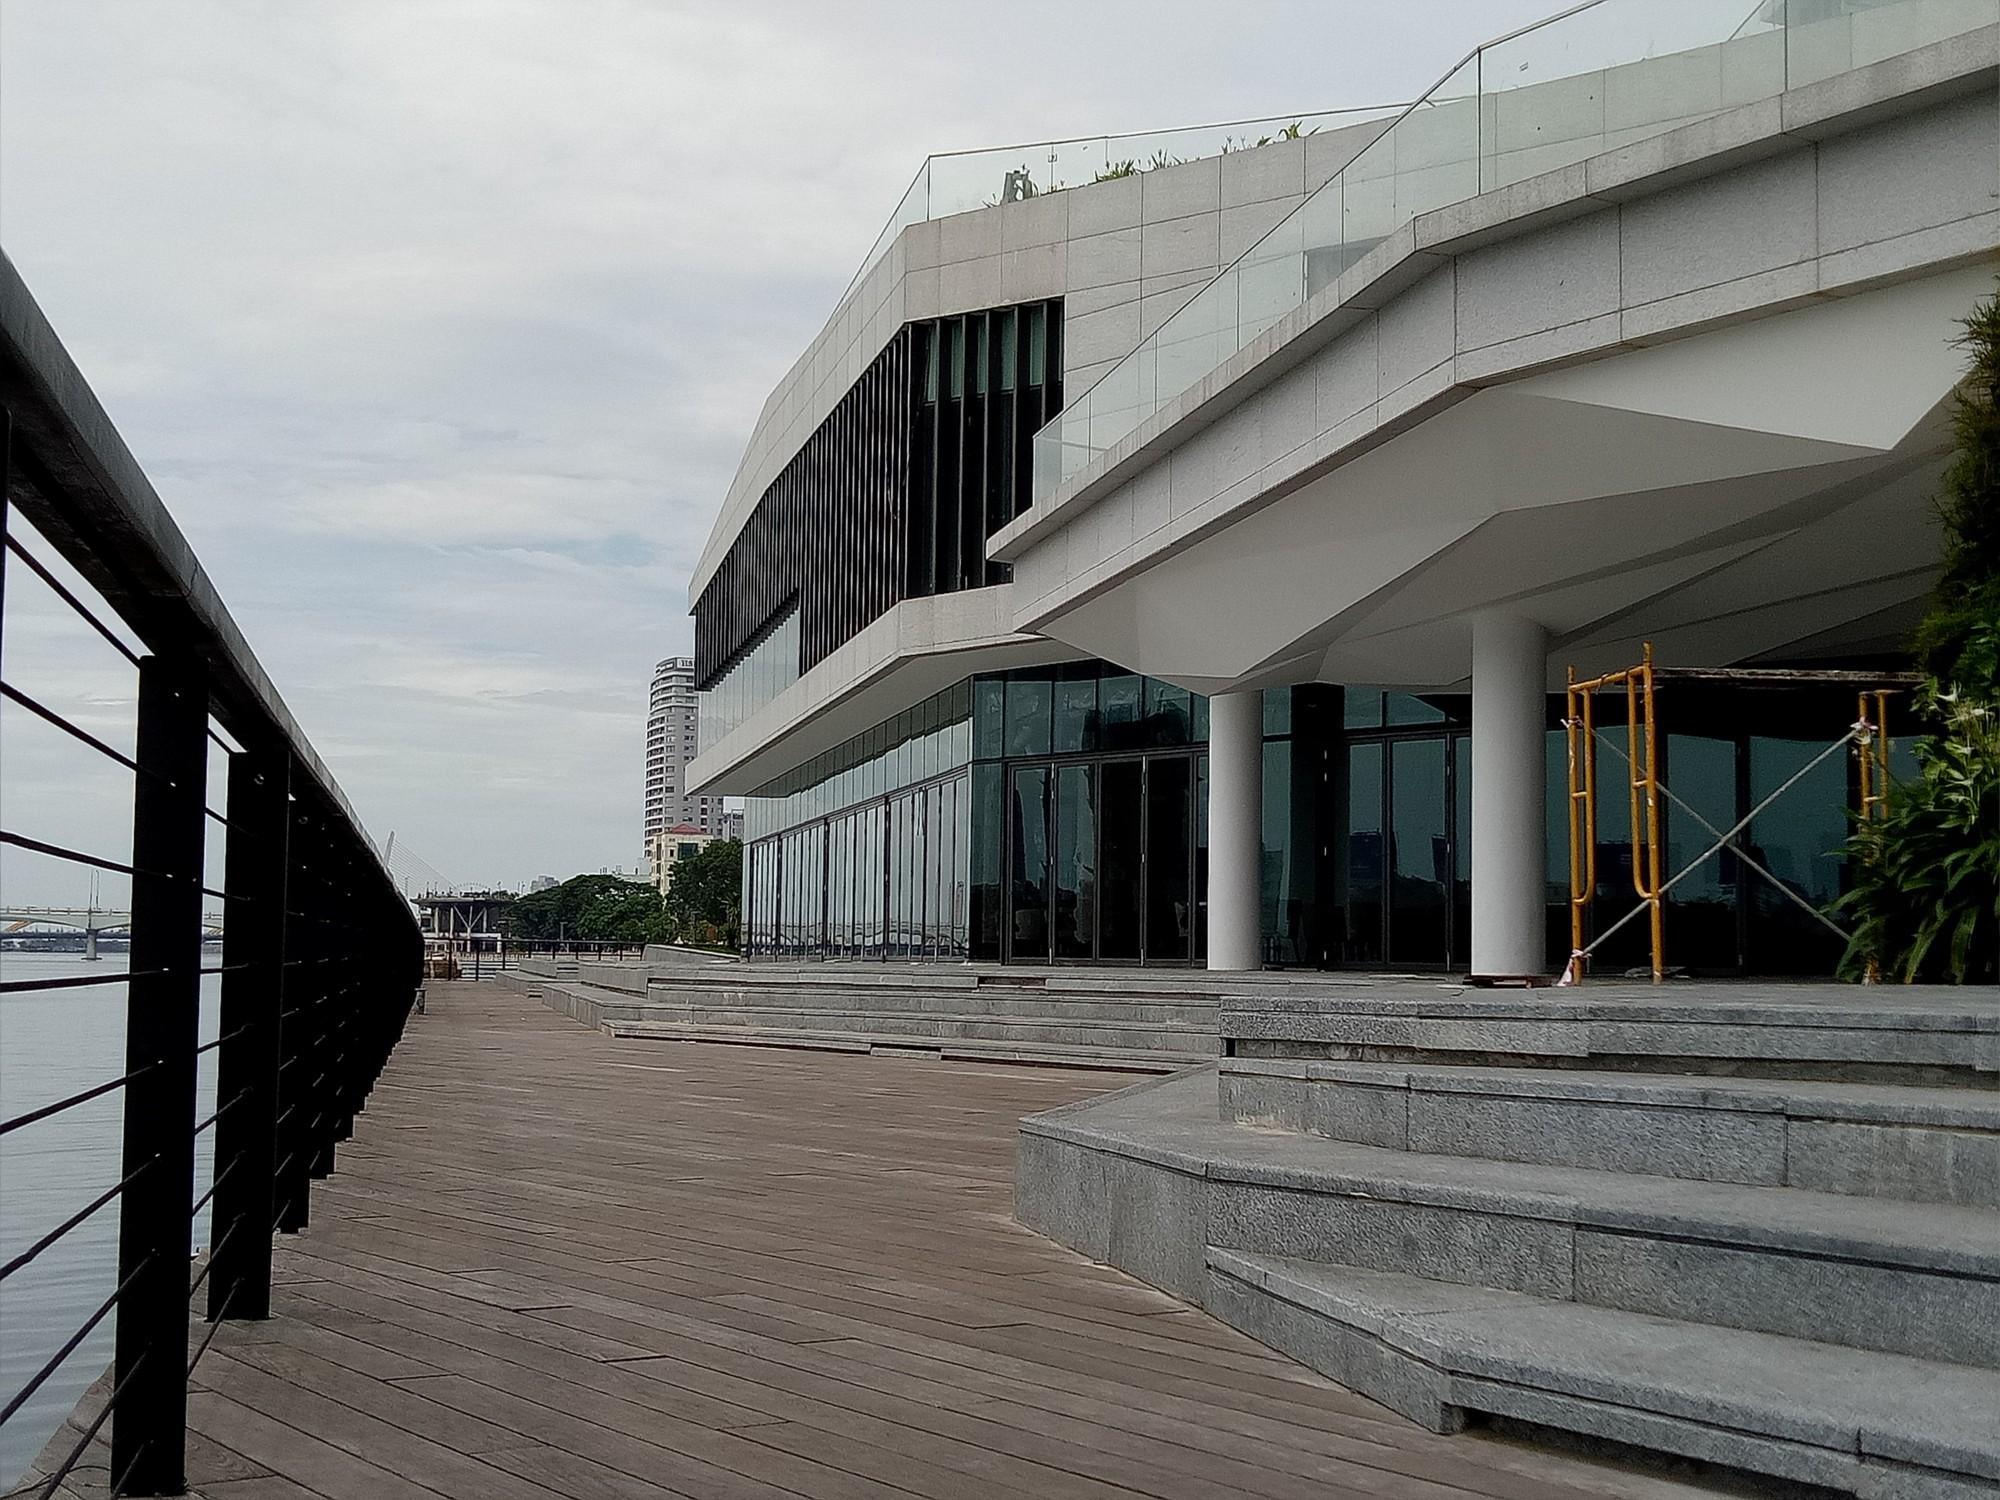 Cận cảnh bến du thuyền của Vũ nhôm bỏ hoang bên sông Hàn - Ảnh 6.